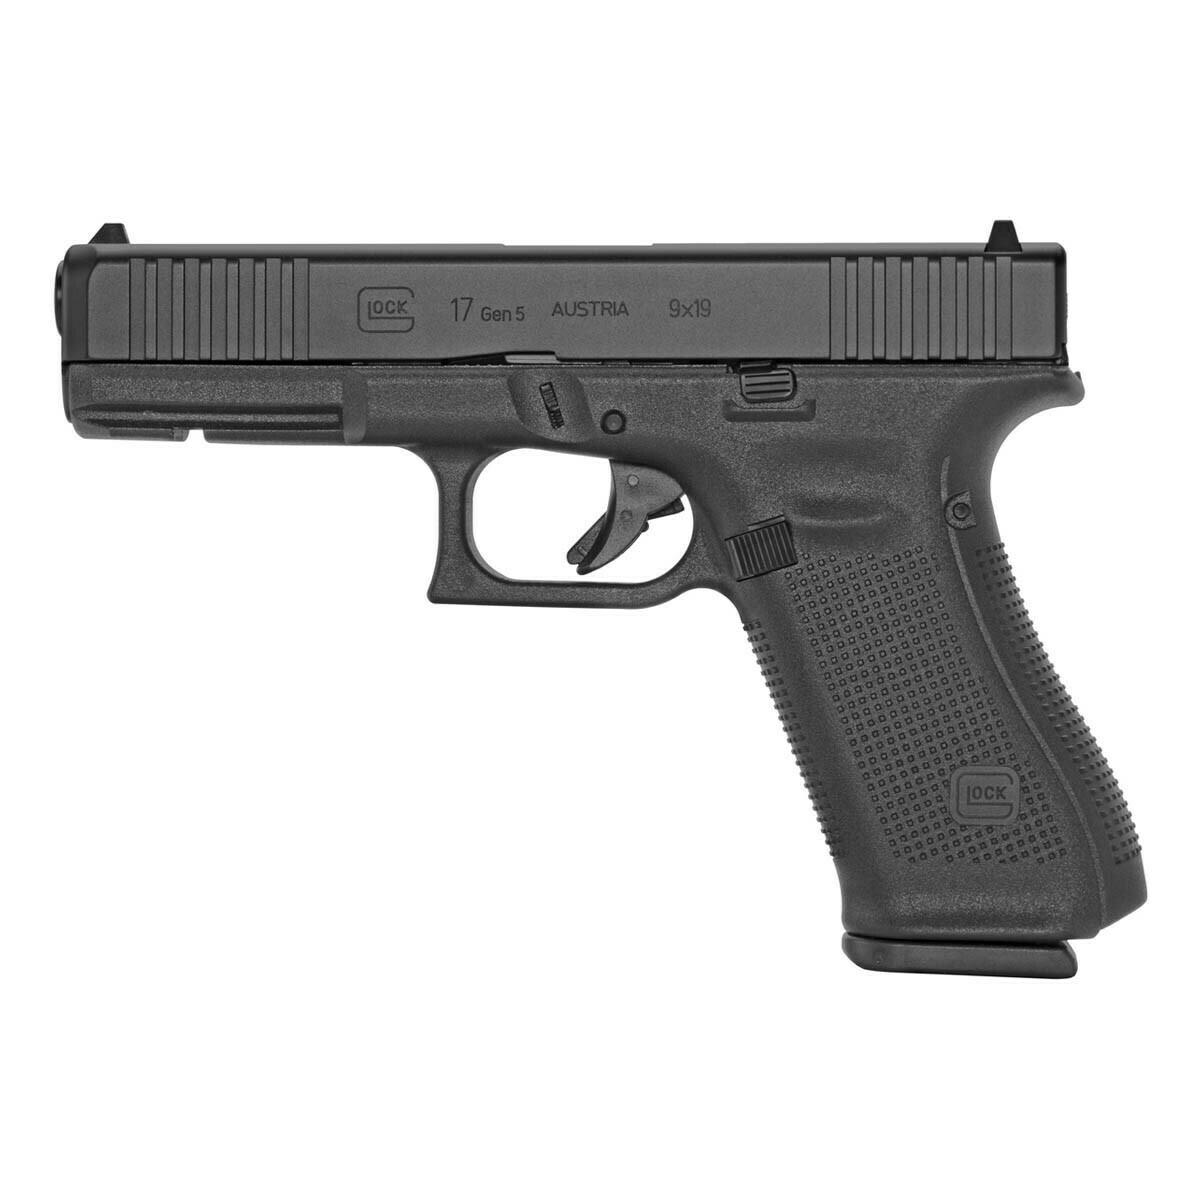 Glock 17 Gen 5 9mm 17rd Mags